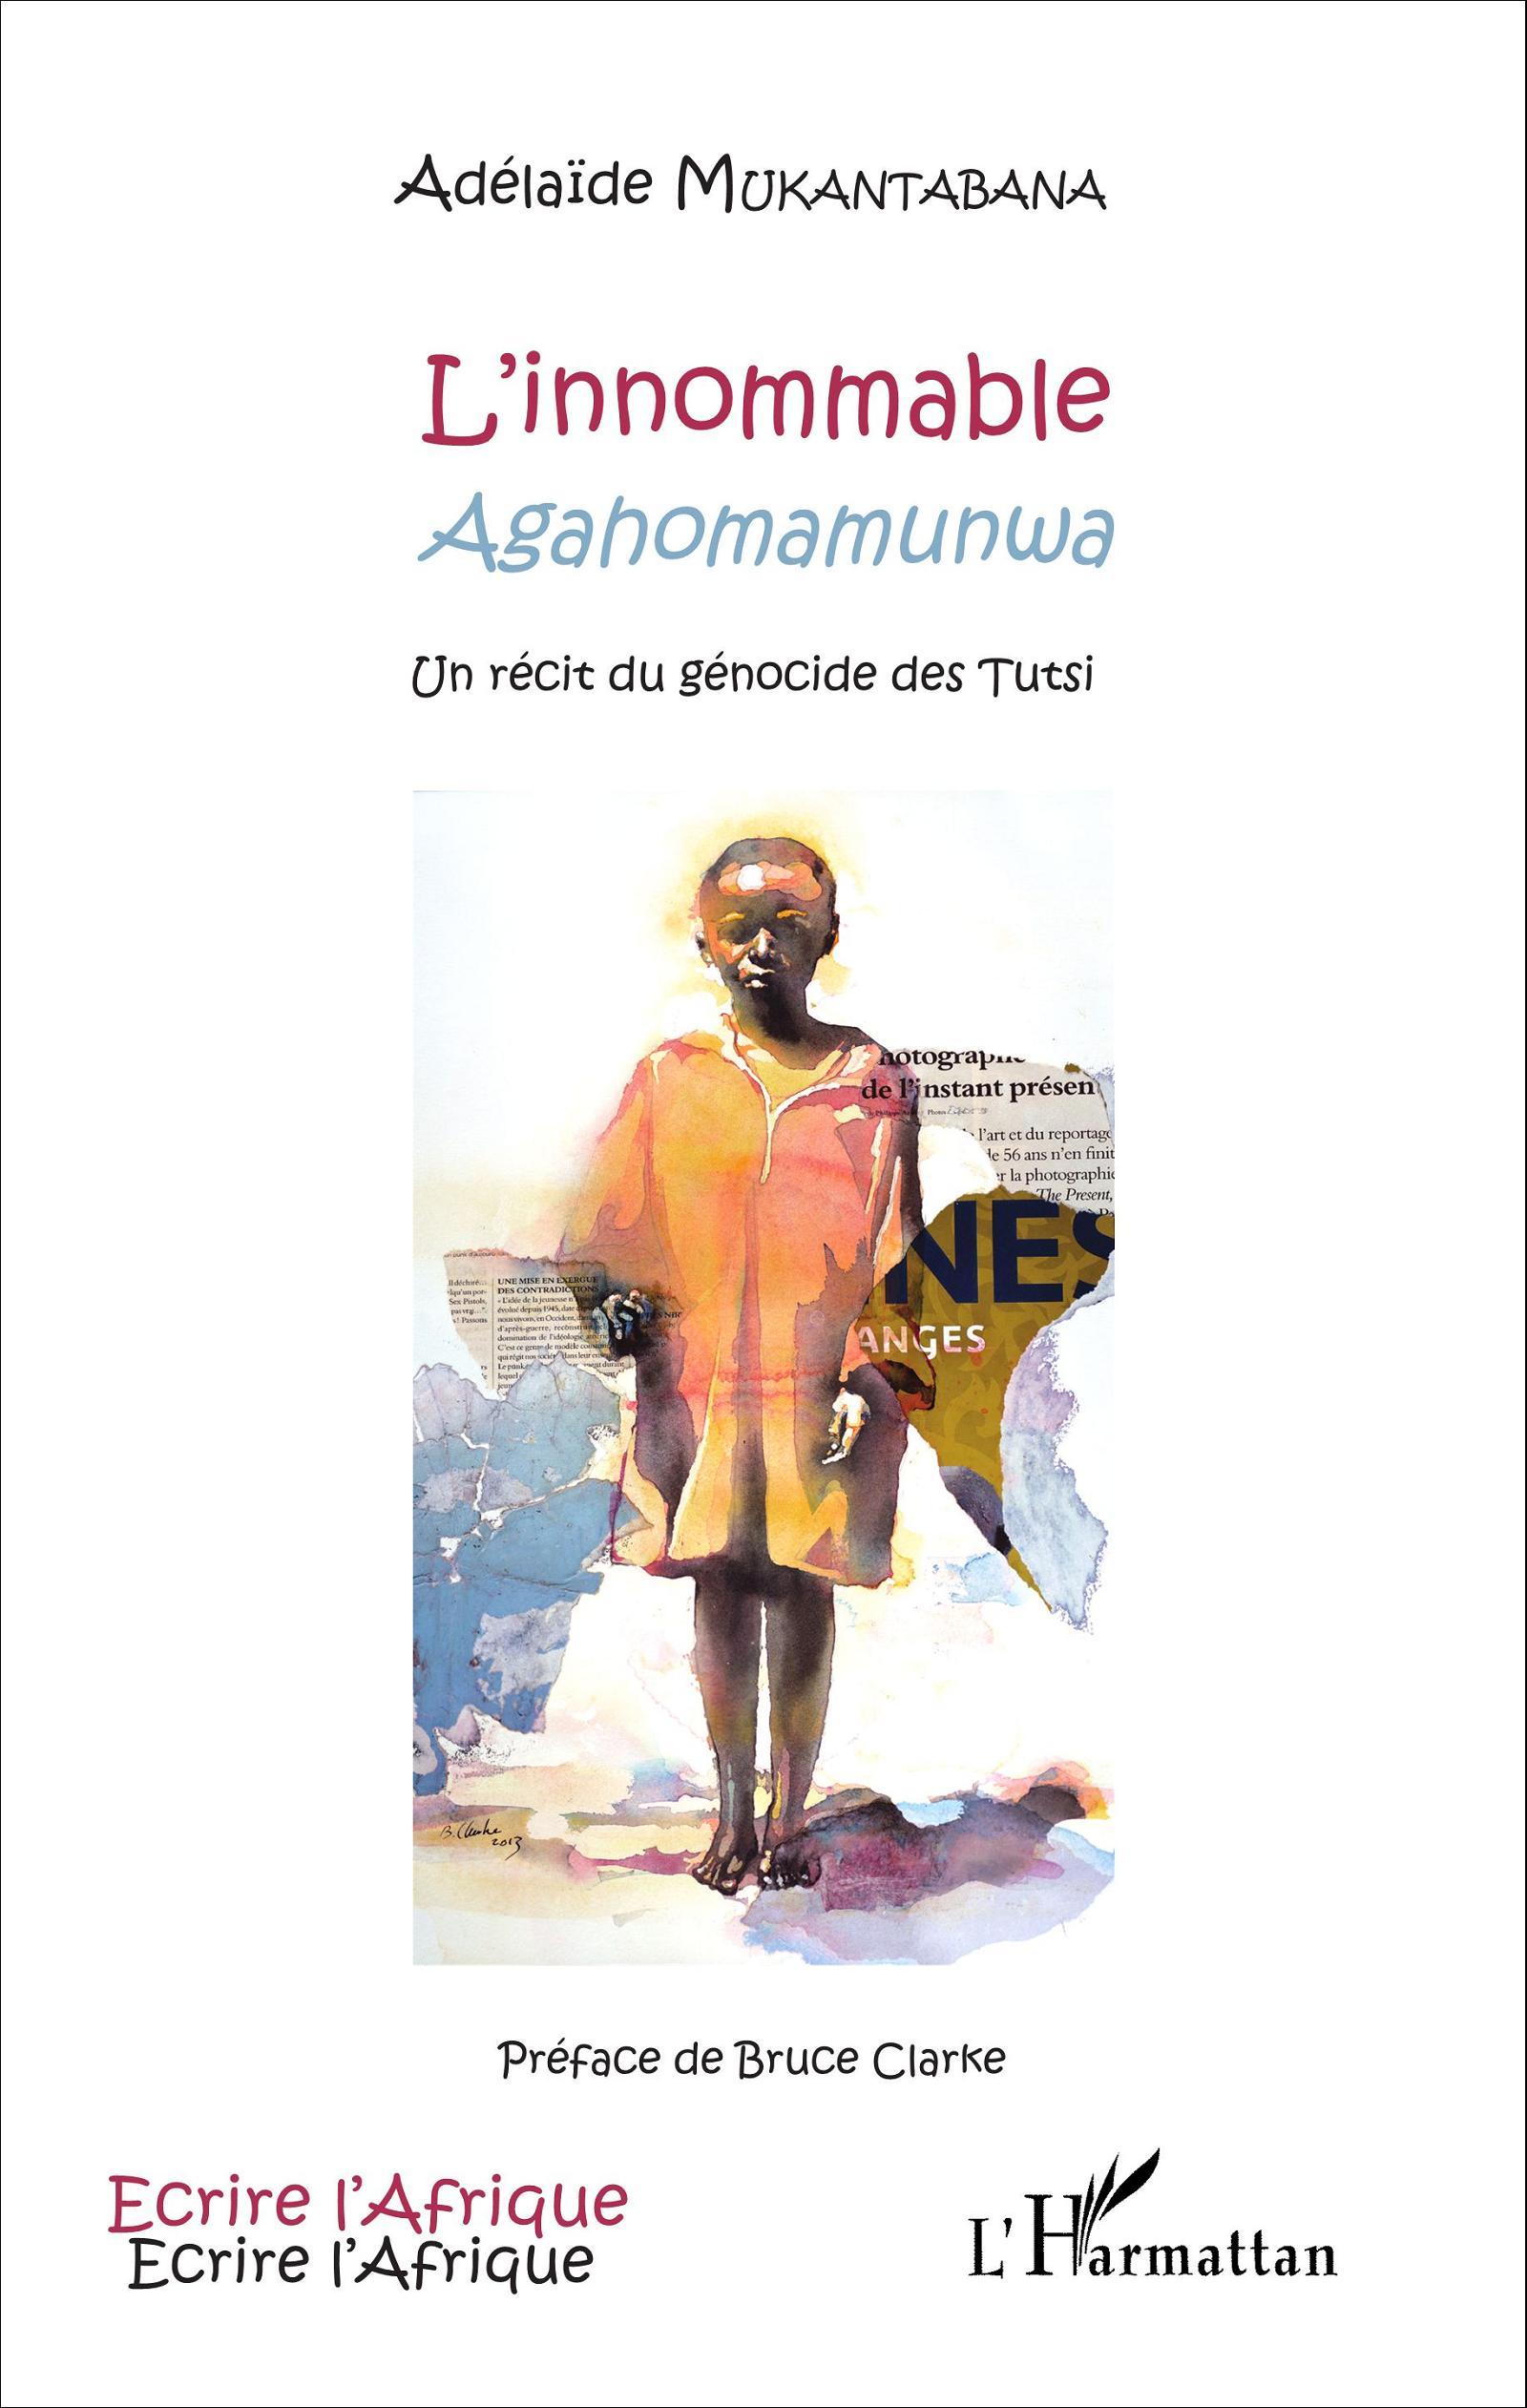 L'INNOMMABLE - Agahomamunwa - Un récit du génocide des Tutsi